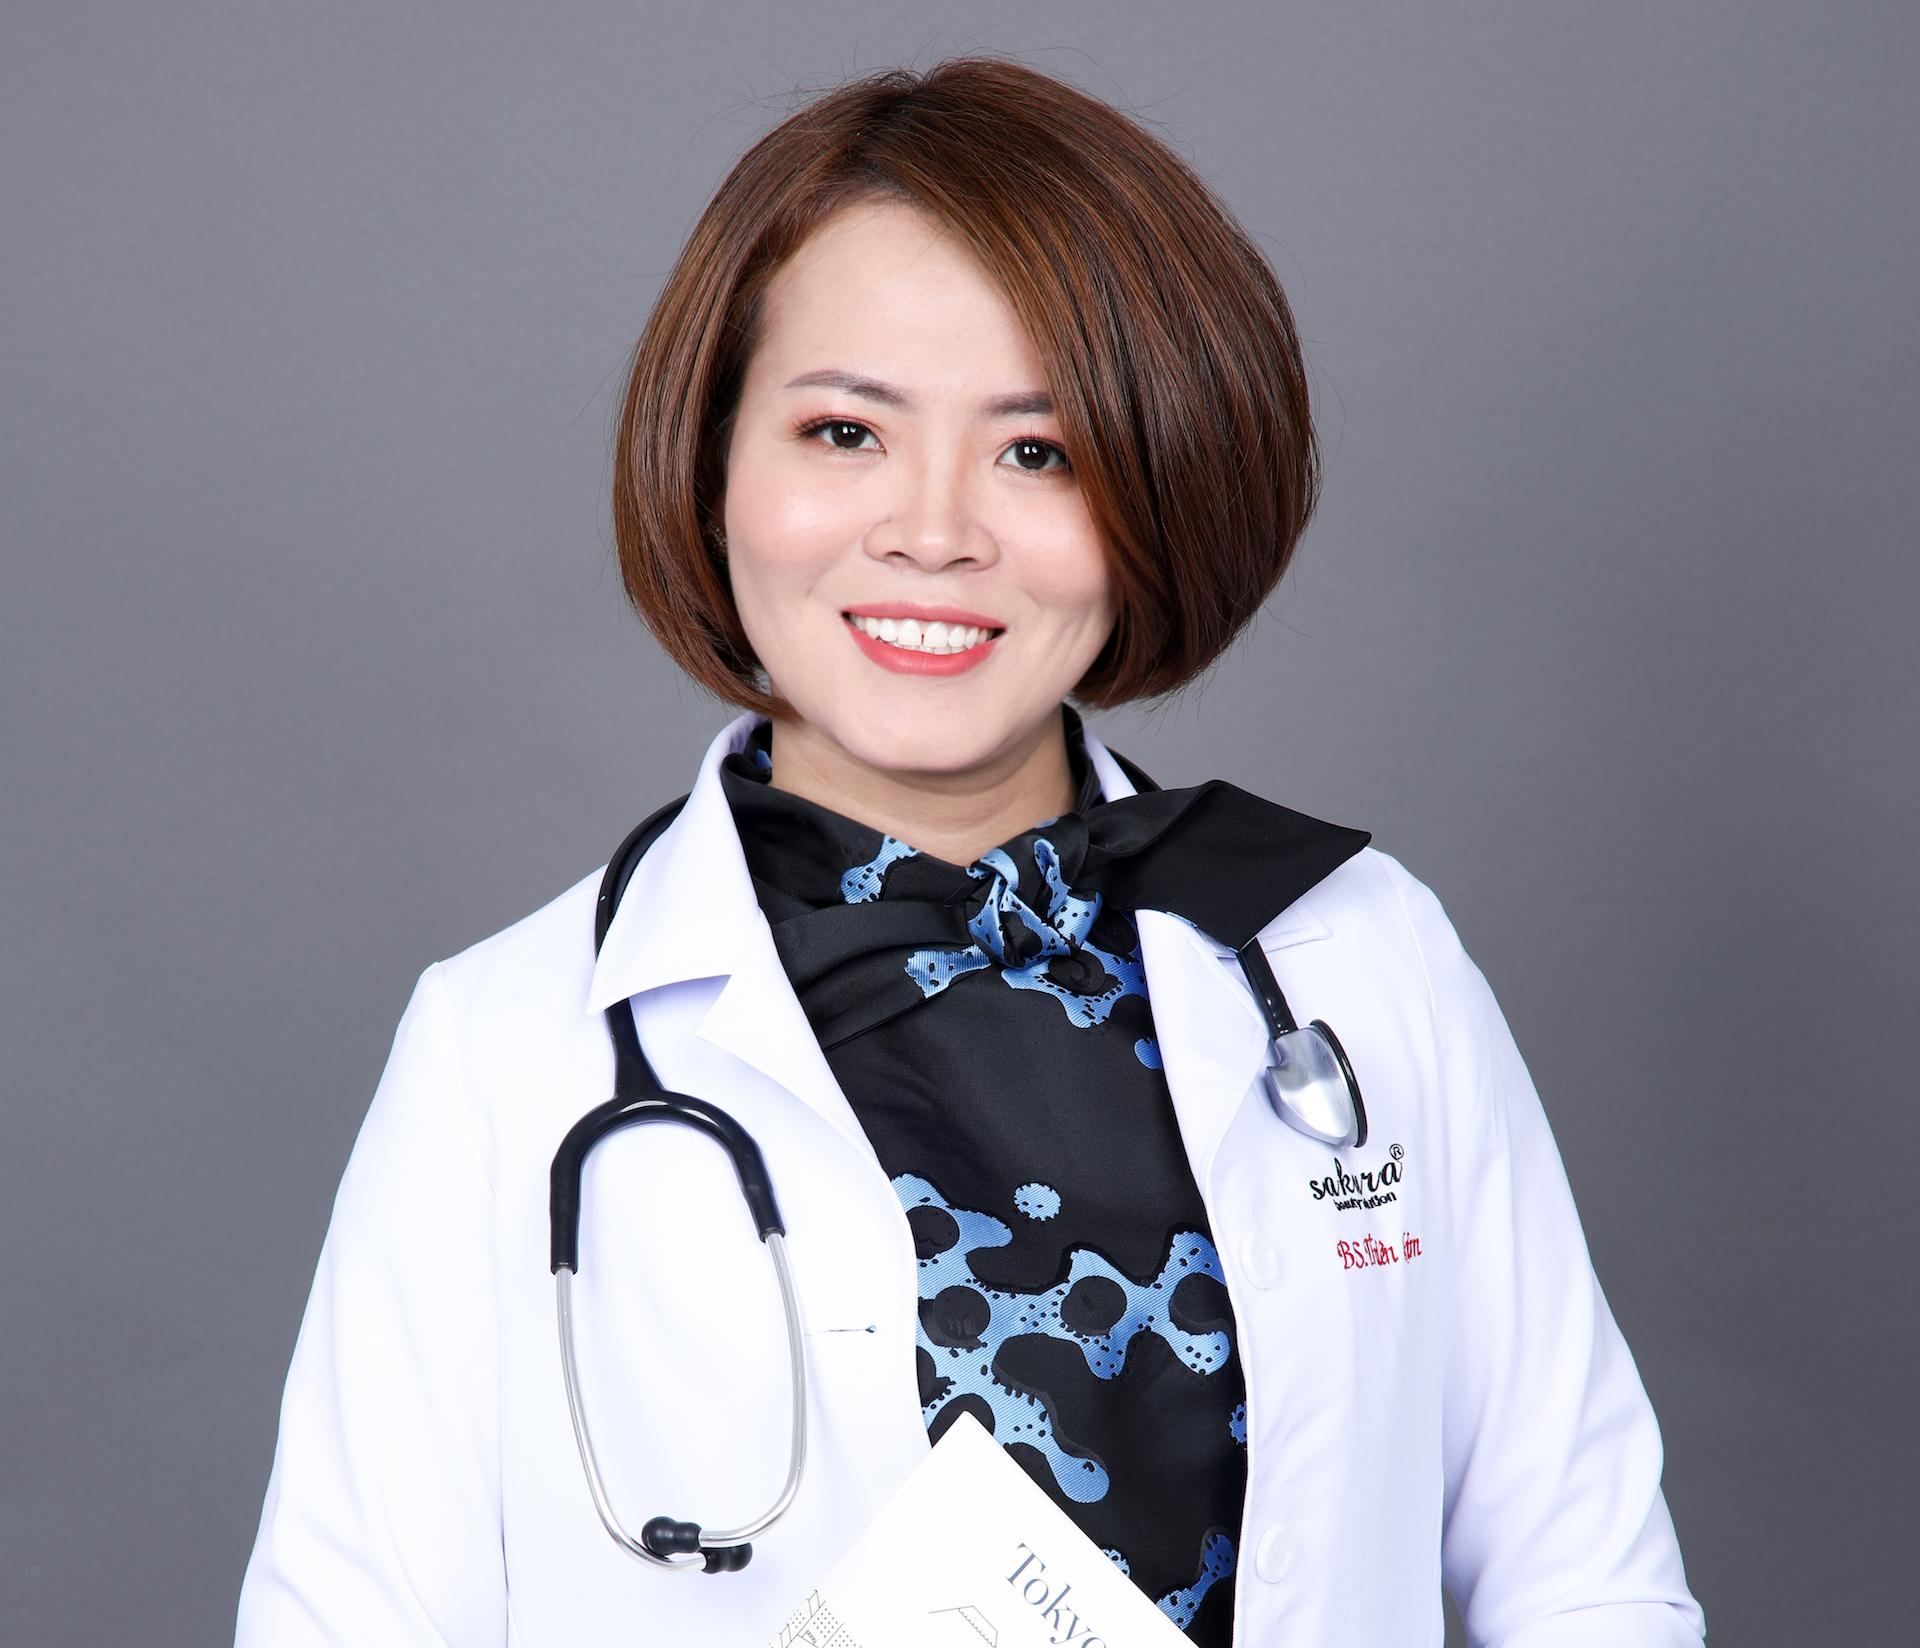 Tiến sĩ Bác sĩ Đào Hoàng Thiên Kim